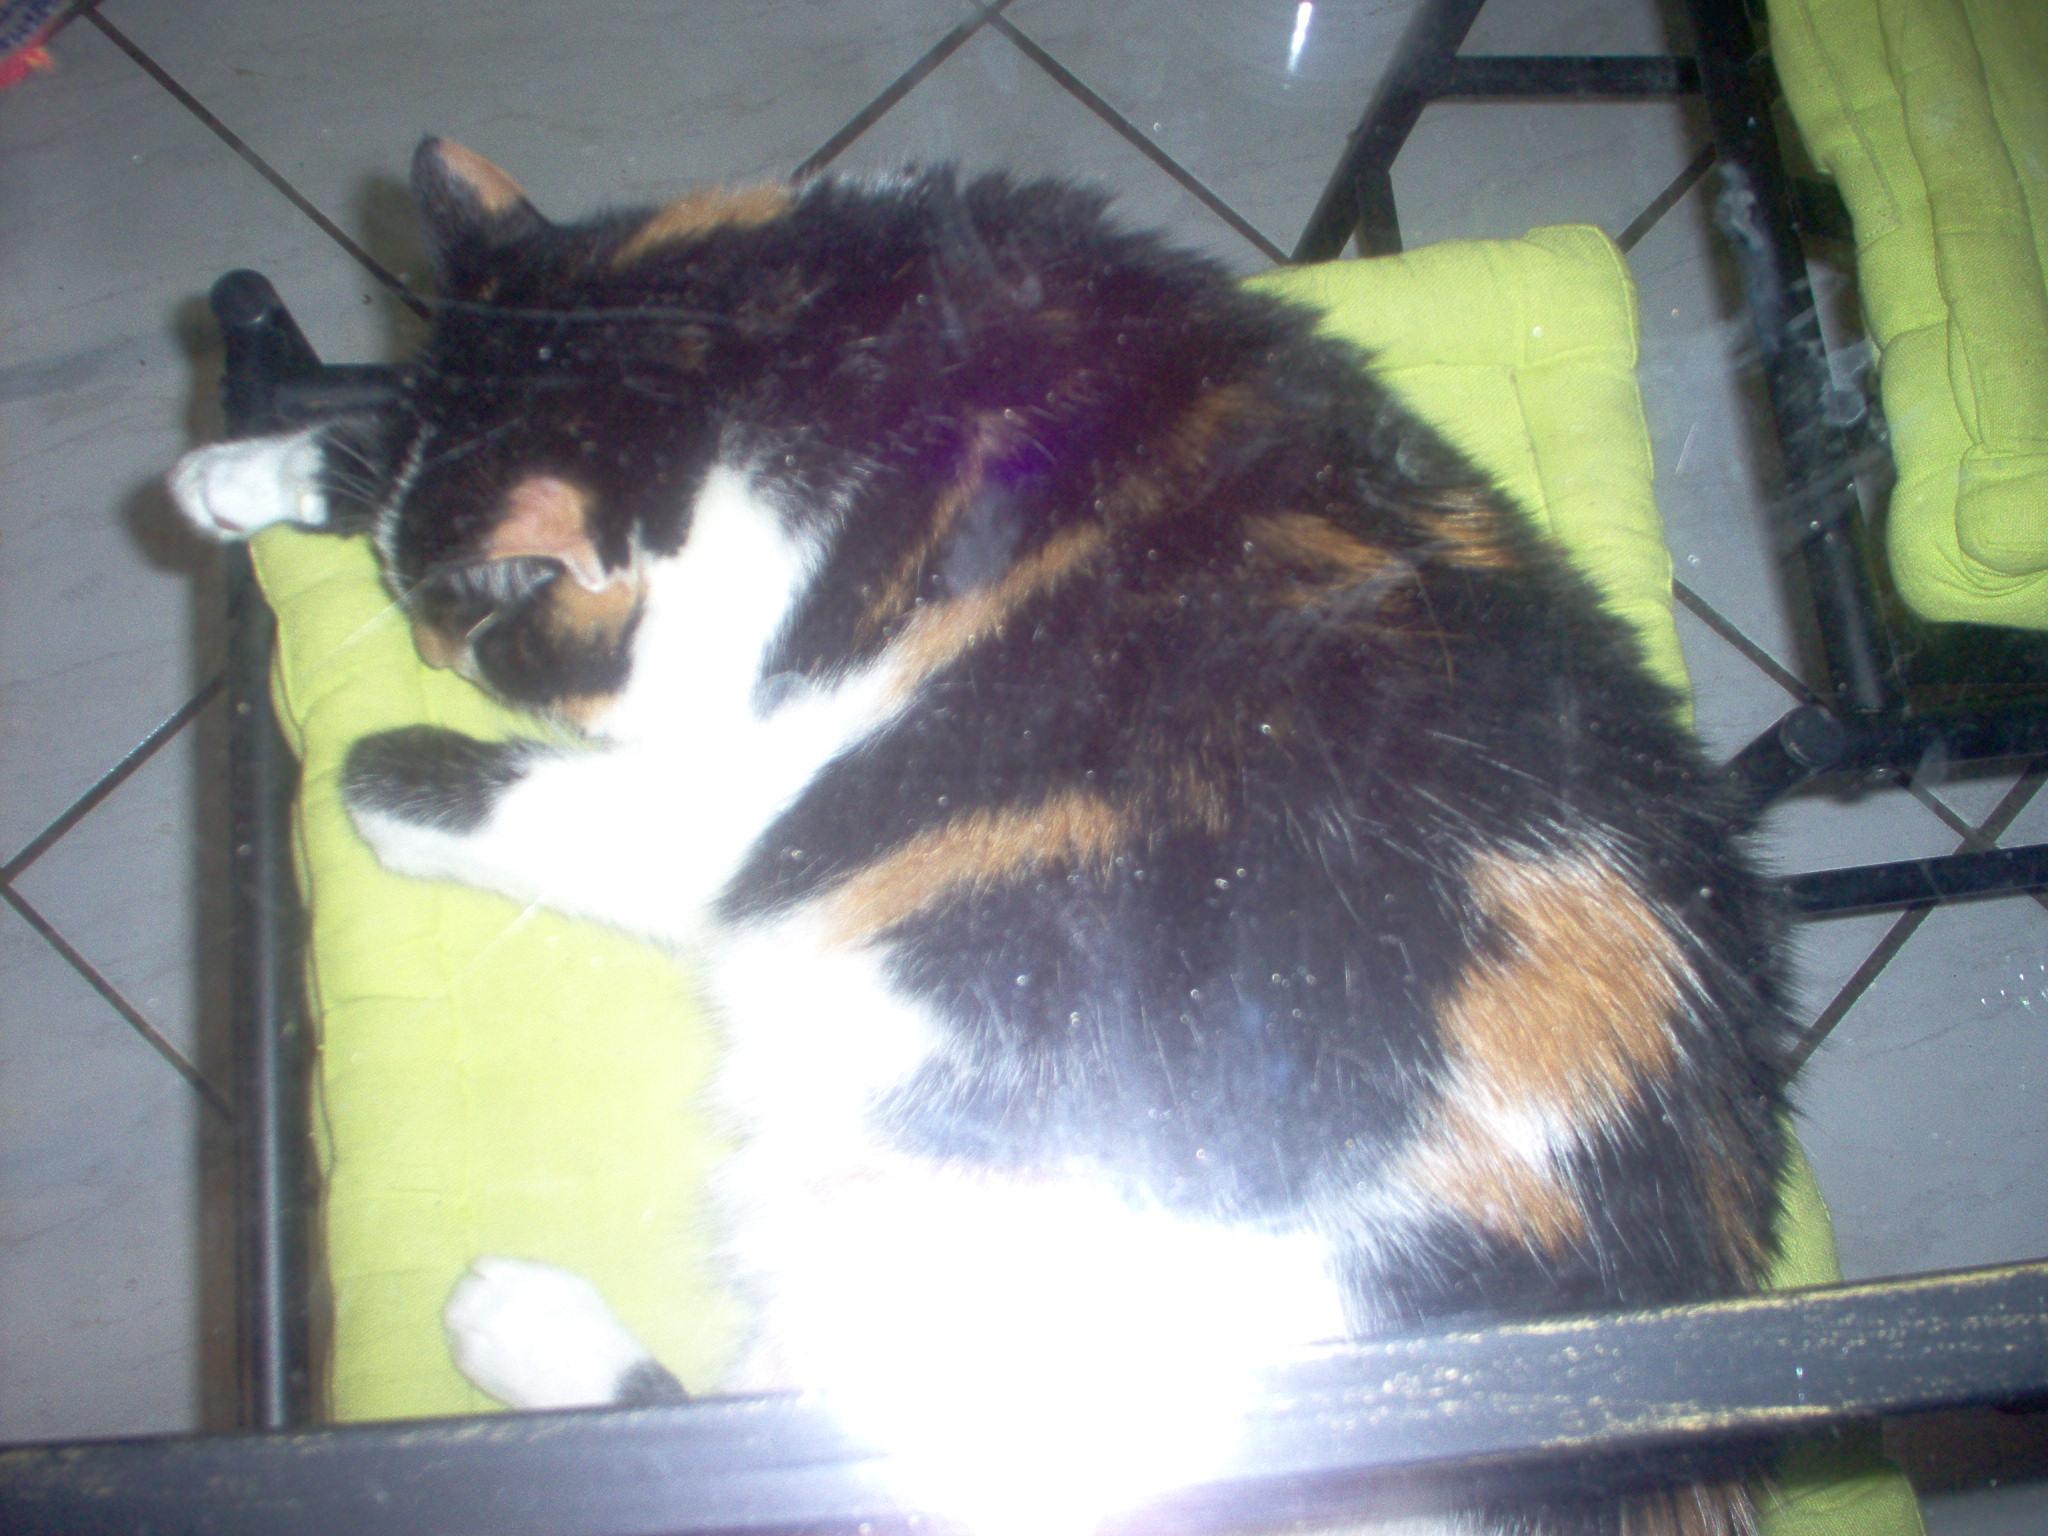 comment maigrir un chat - Comment maigrir